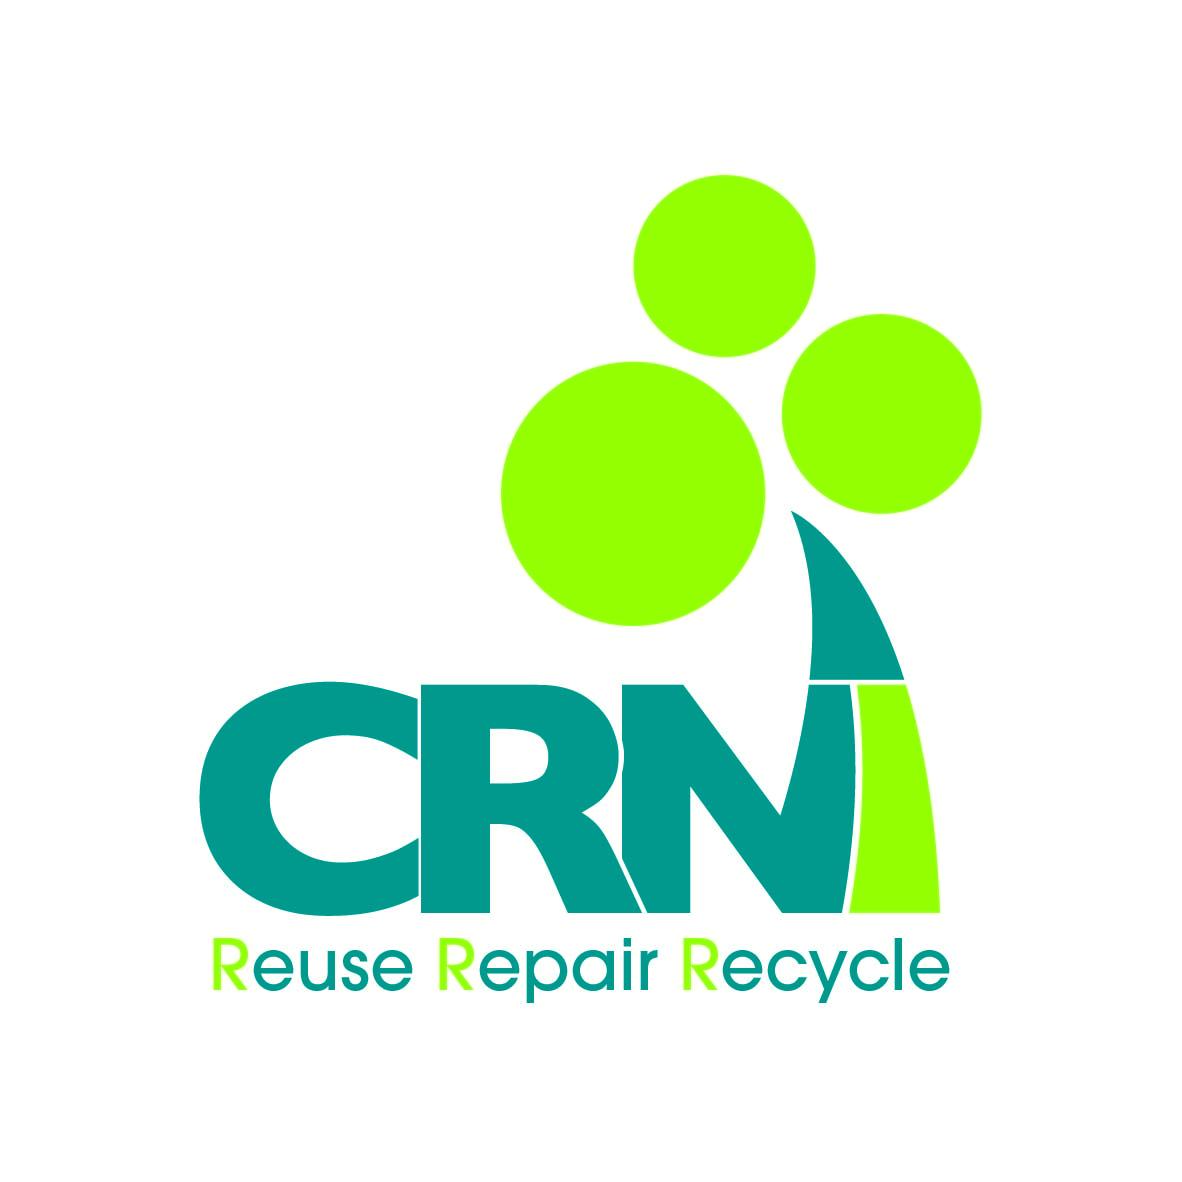 Copy of CRNI New logo x 3 -01